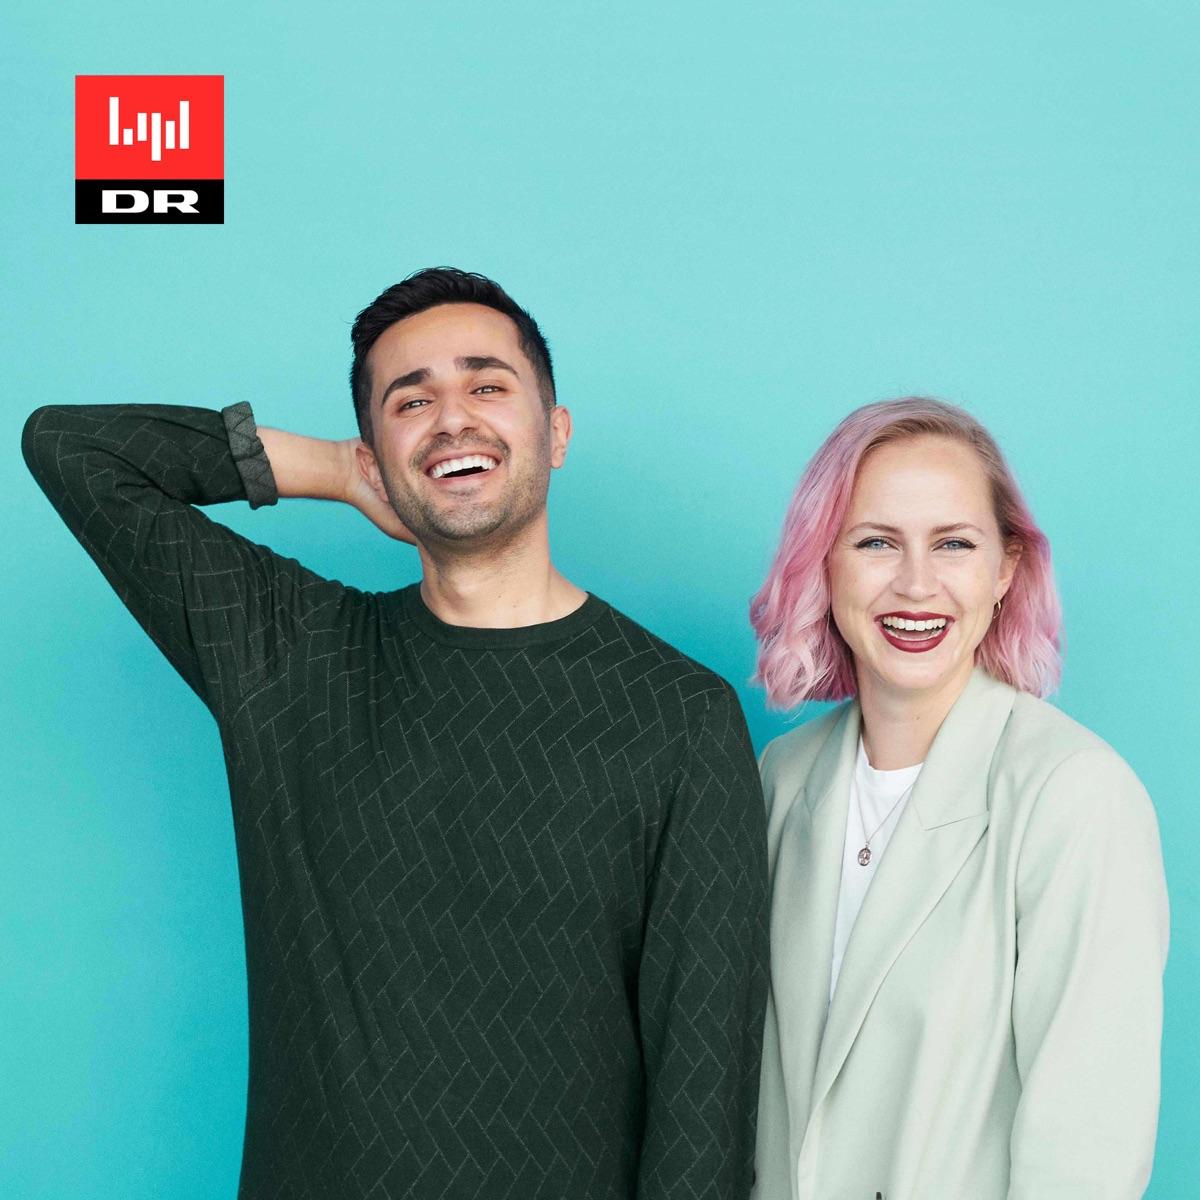 Tabu: Er datingprogrammer vejen til kærlighed eller bare godt tv?